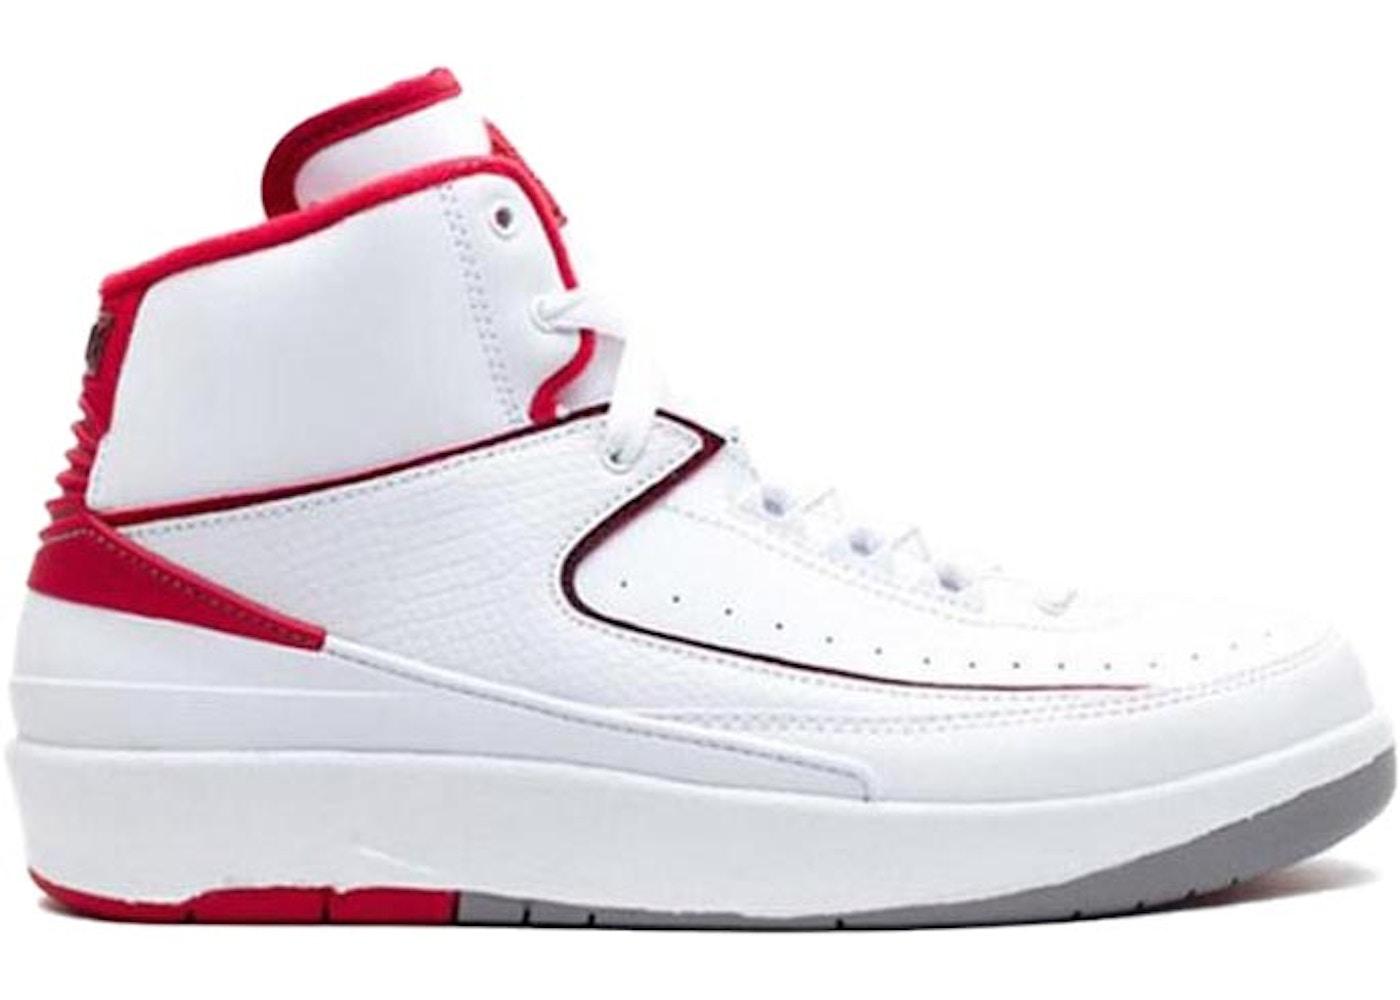 423d71d4d0a Jordan 2 Retro White Red 2014 (GS) - 395718-102